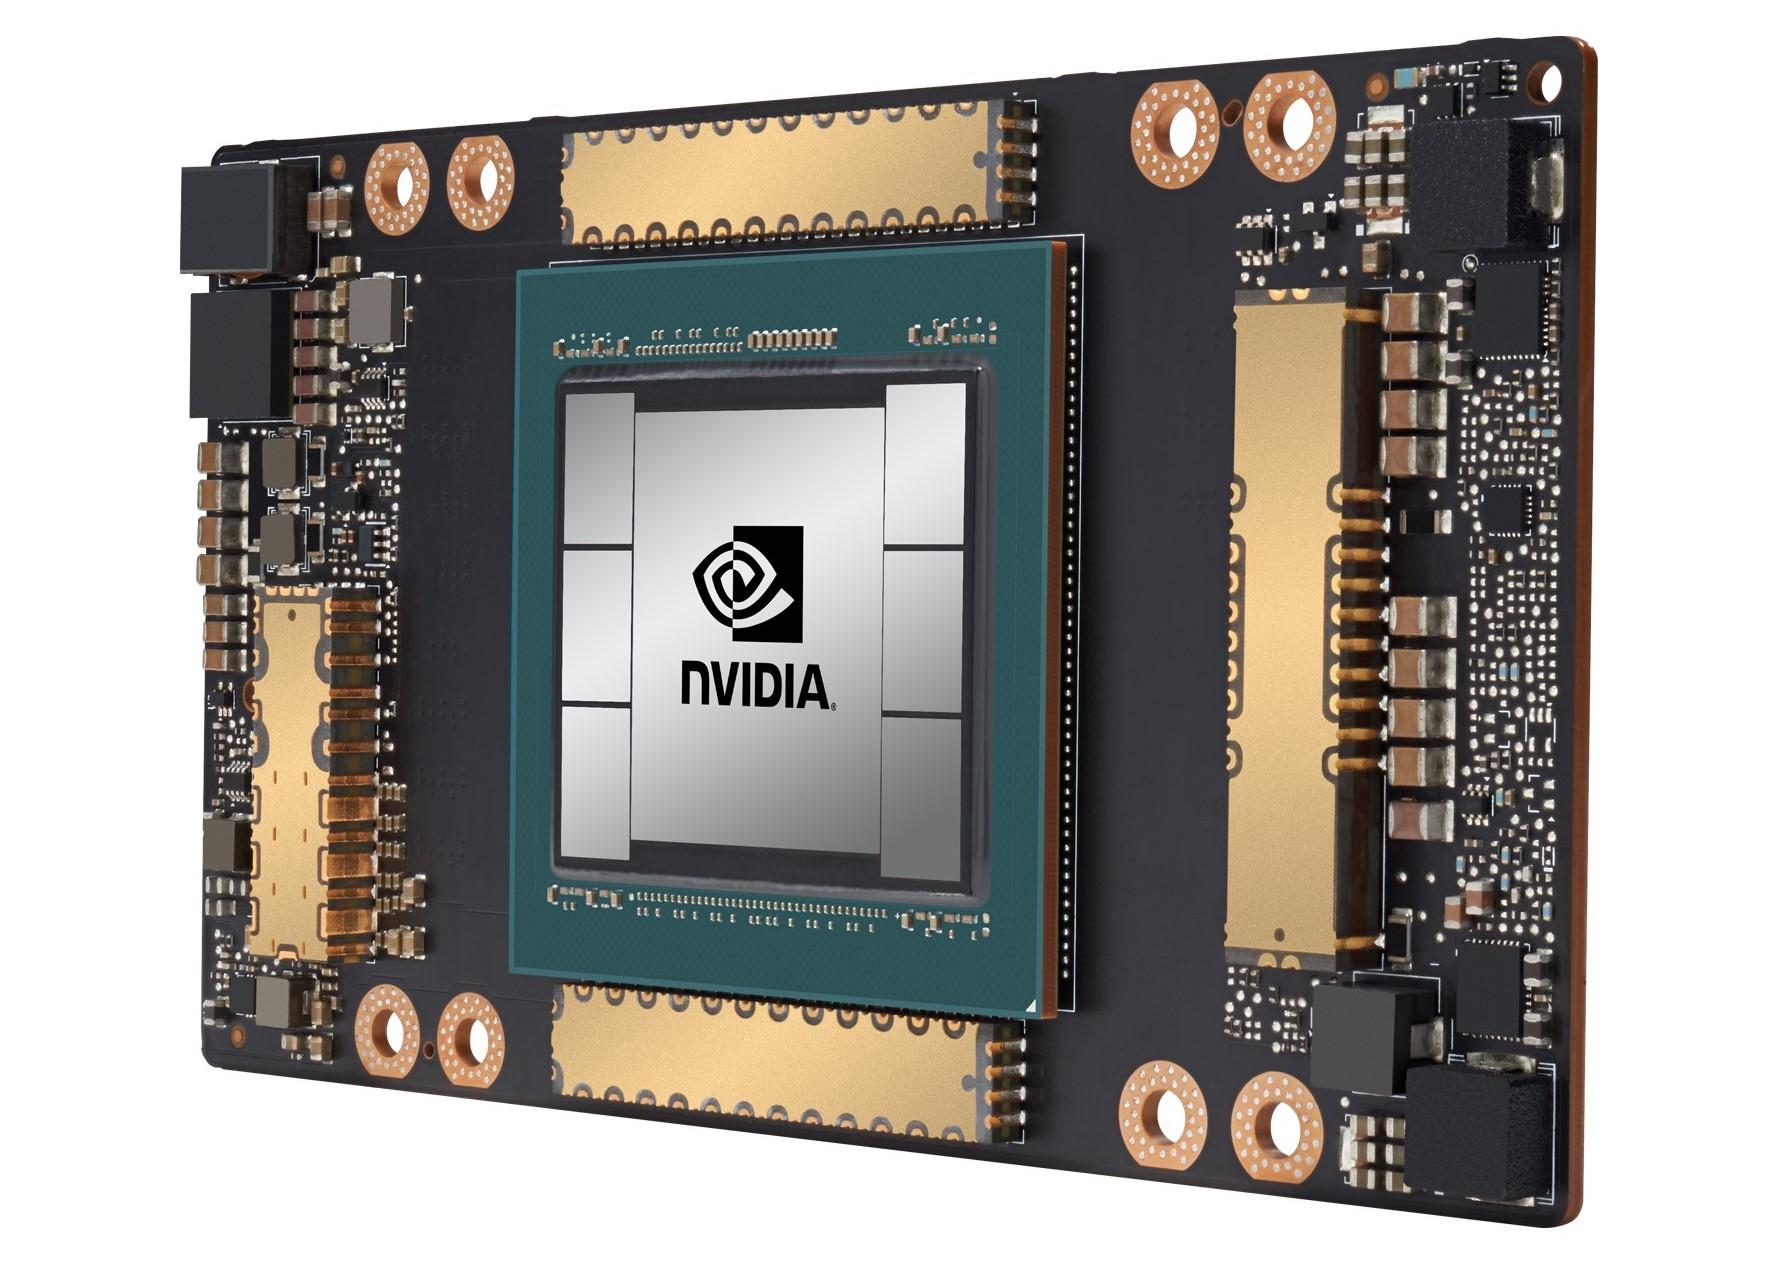 Supermicro NVIDIA A100